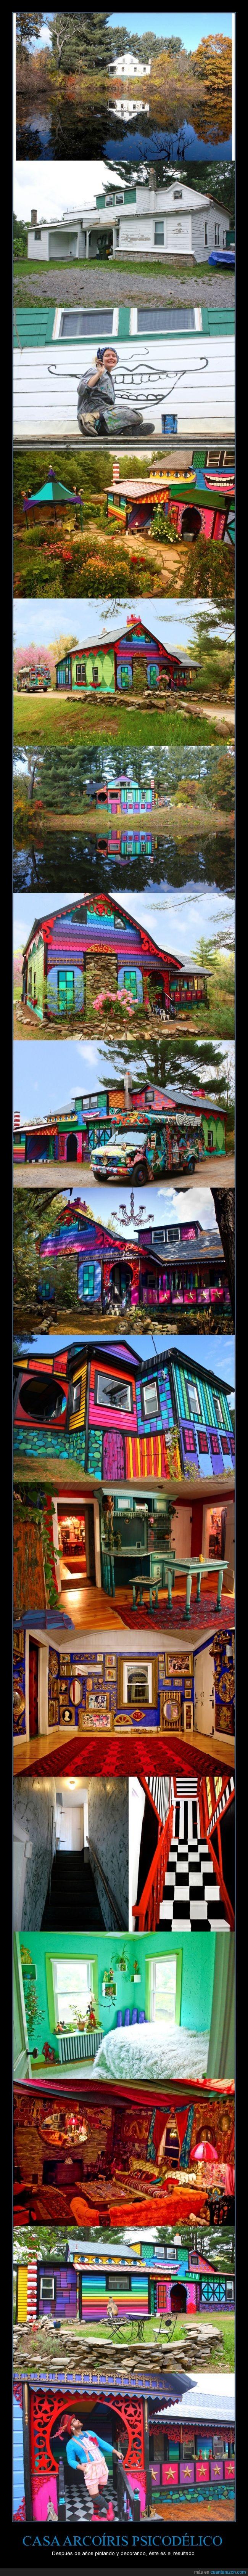 arcoíris,arte,artista,bosque,cabaña,casa,color,colorines,diferente,friki,kat wise,medio,pintar,psicodelica,rar